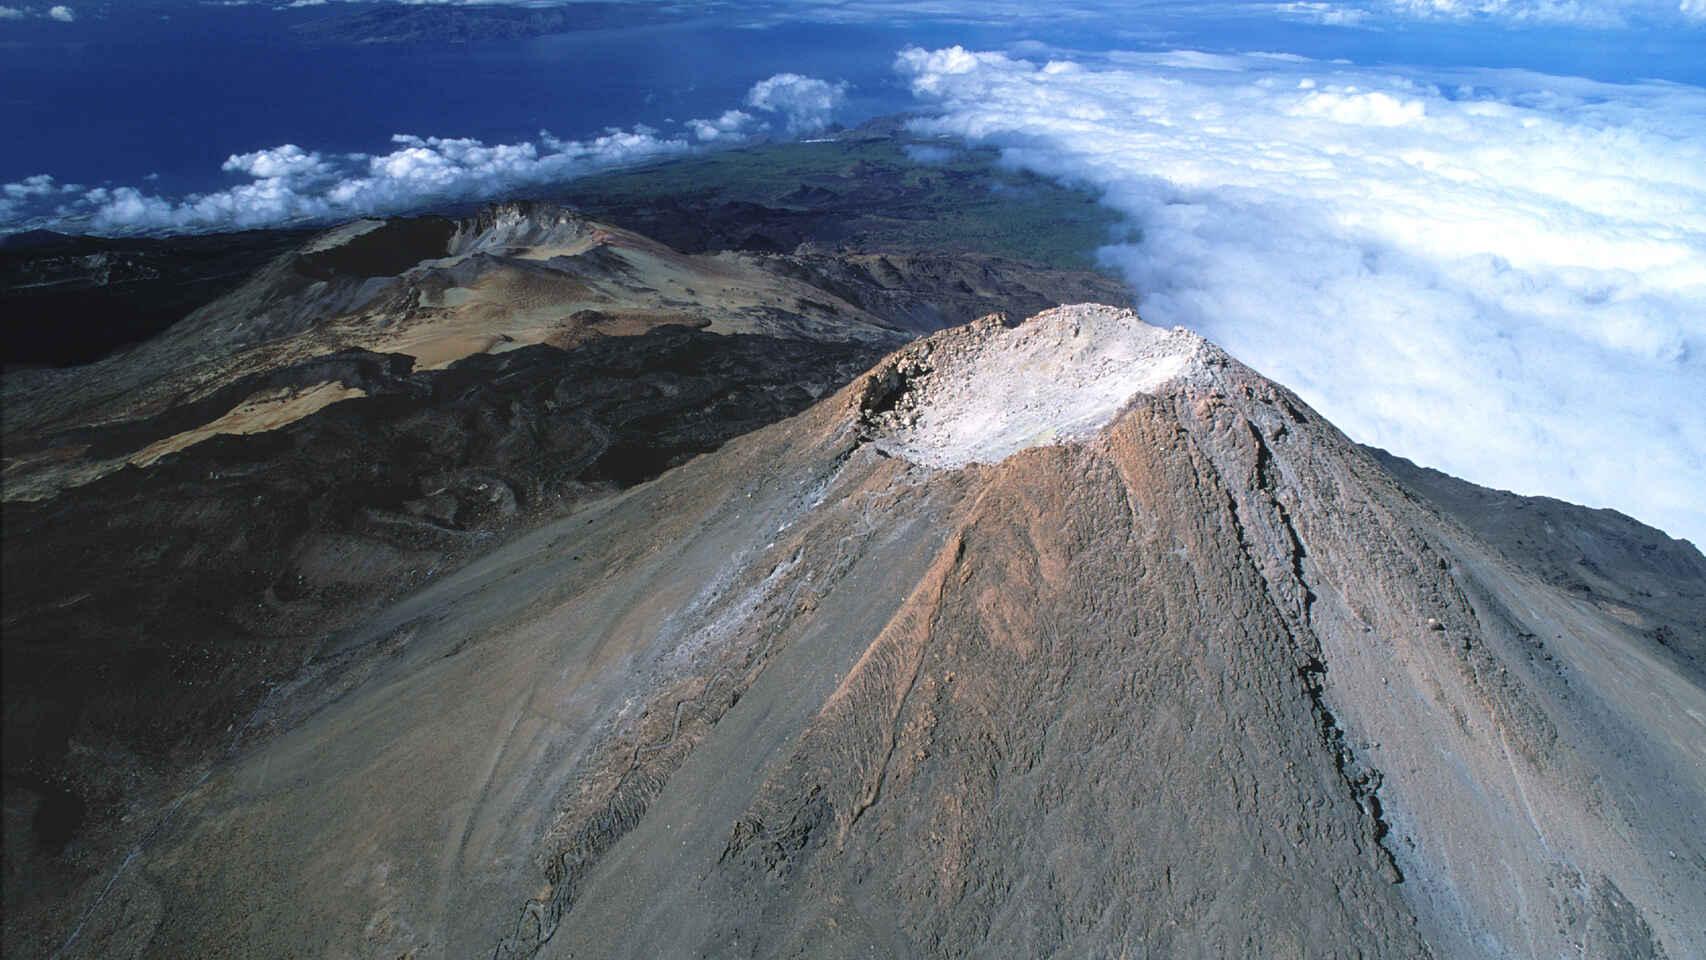 Volcanes de España que pueden entrar en erupción en cualquier momento